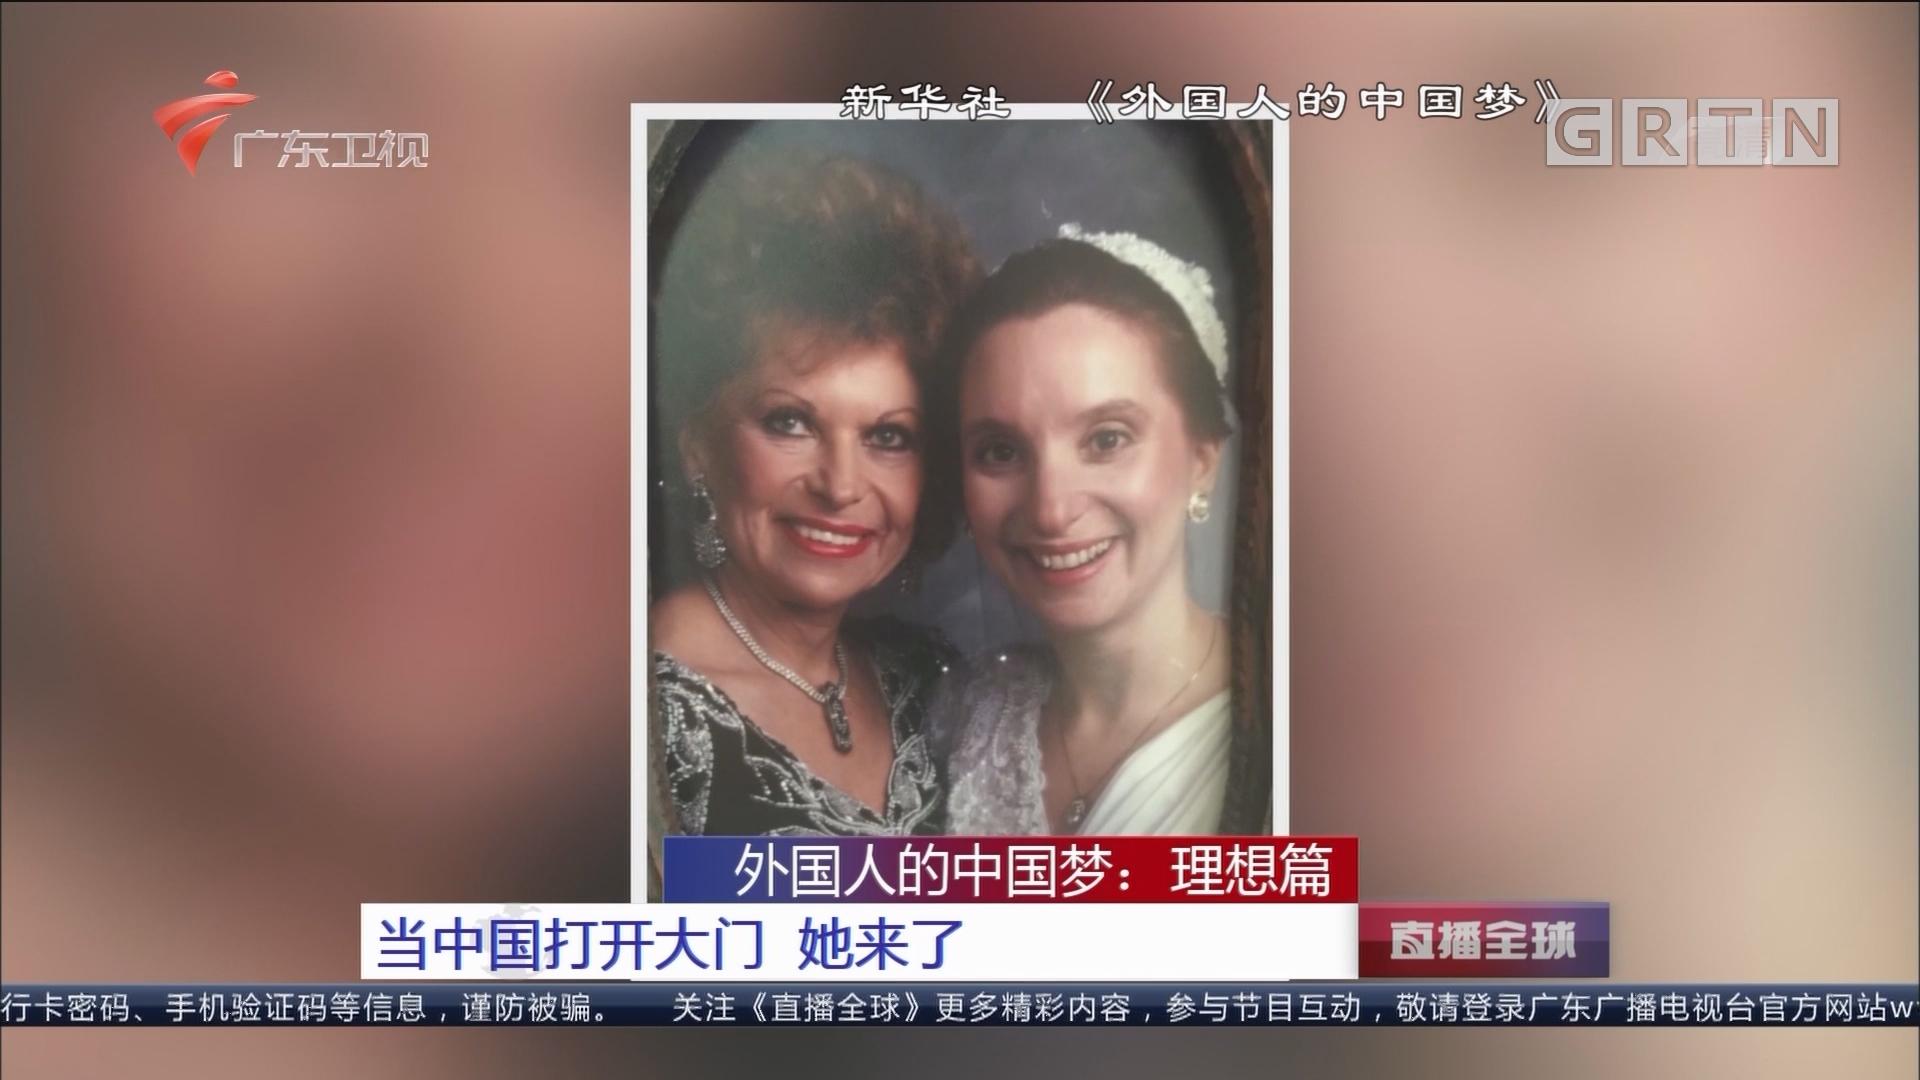 外国人的中国梦:理想篇 当中国打开大门 她来了